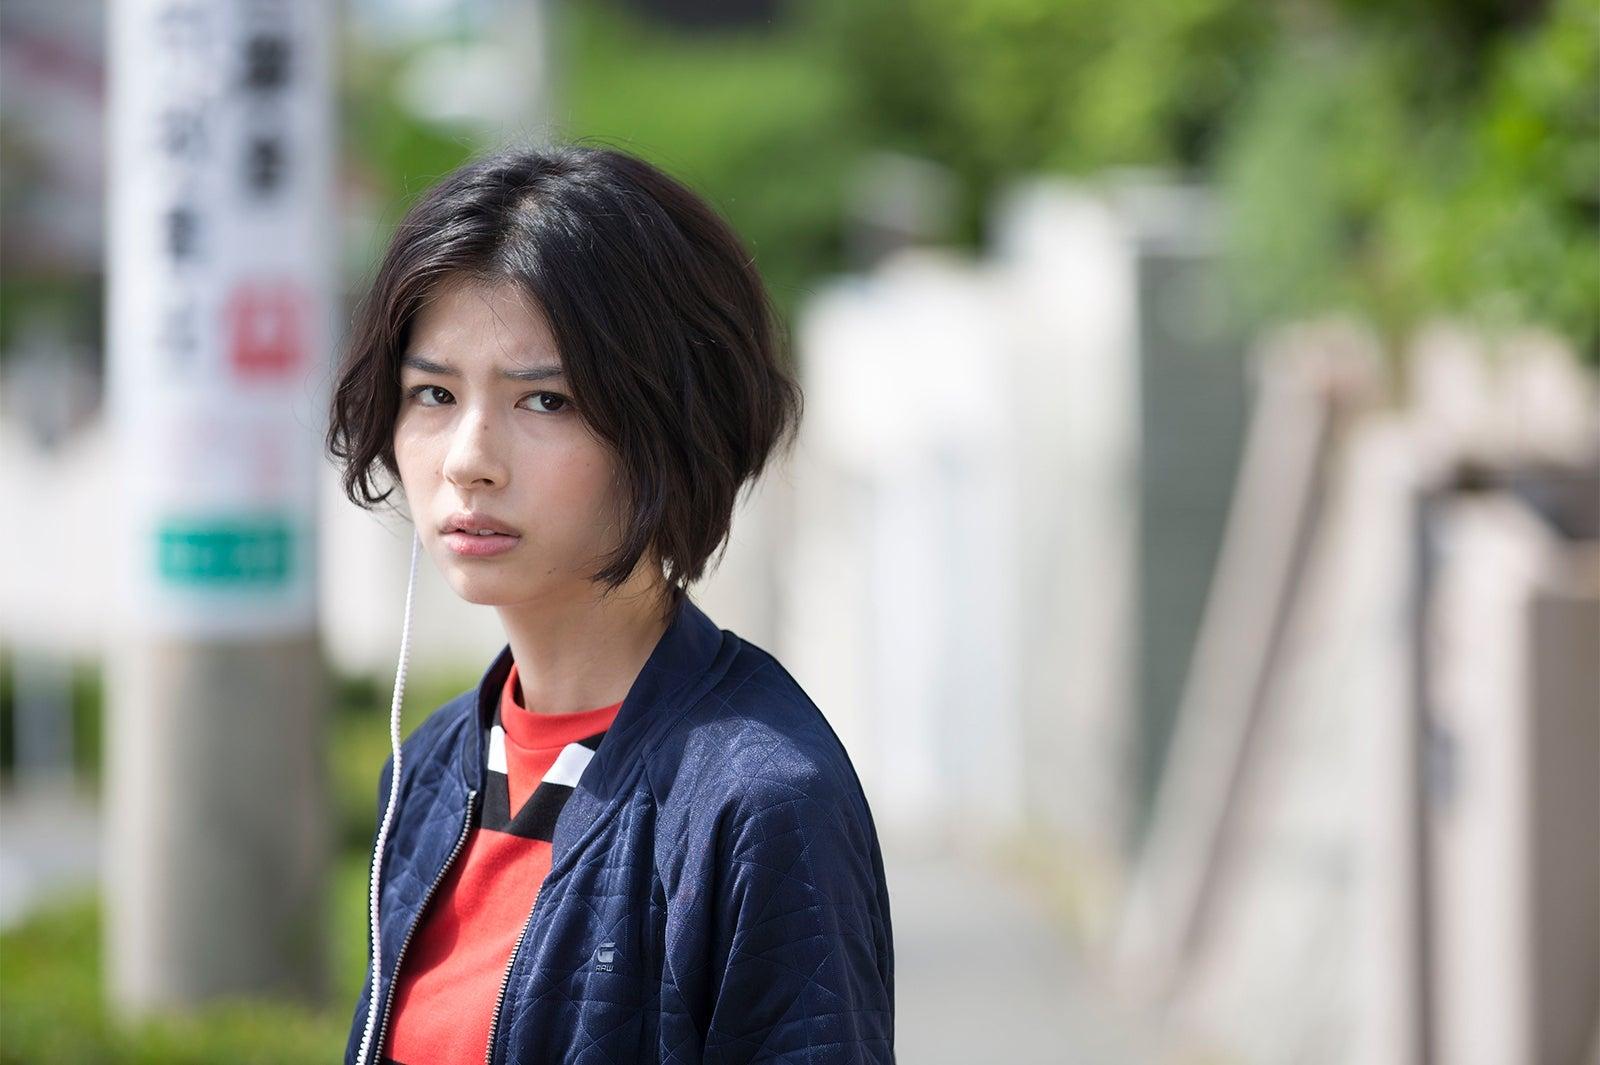 佐久間由衣/ドラマ「明日の約束」より(画像提供:カンテレ)